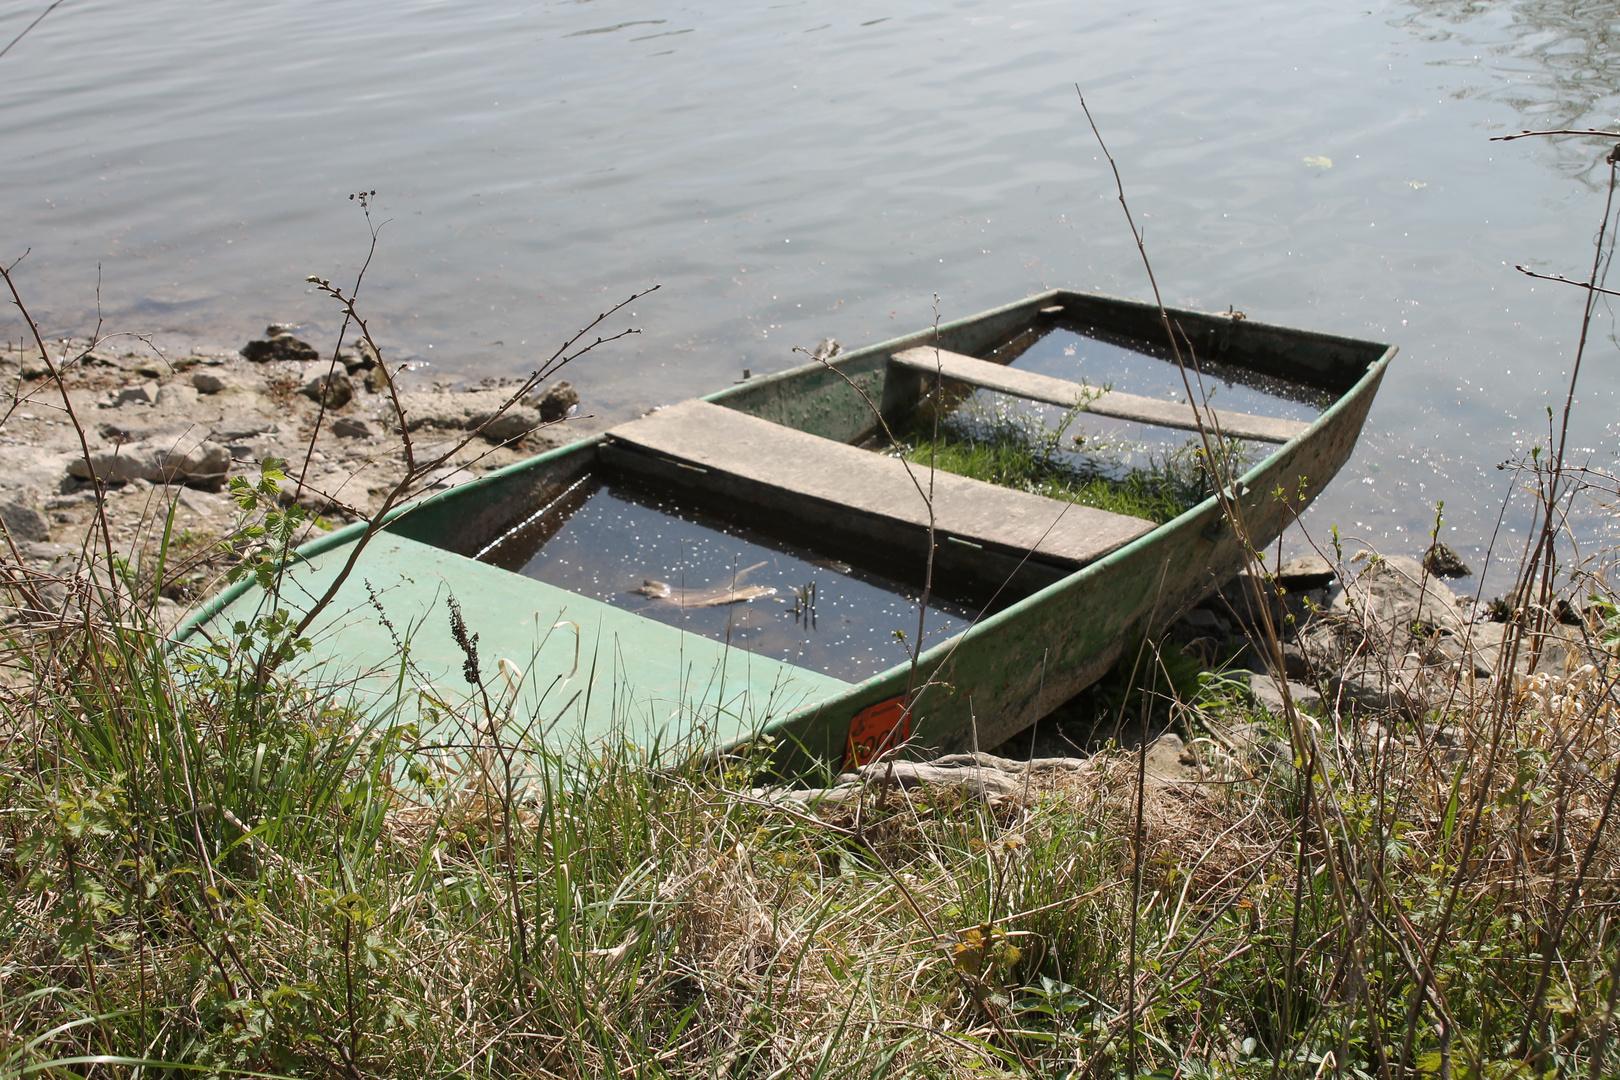 verkehrte Welt - Wo sollte bei einem Boot das Wasser sein ?